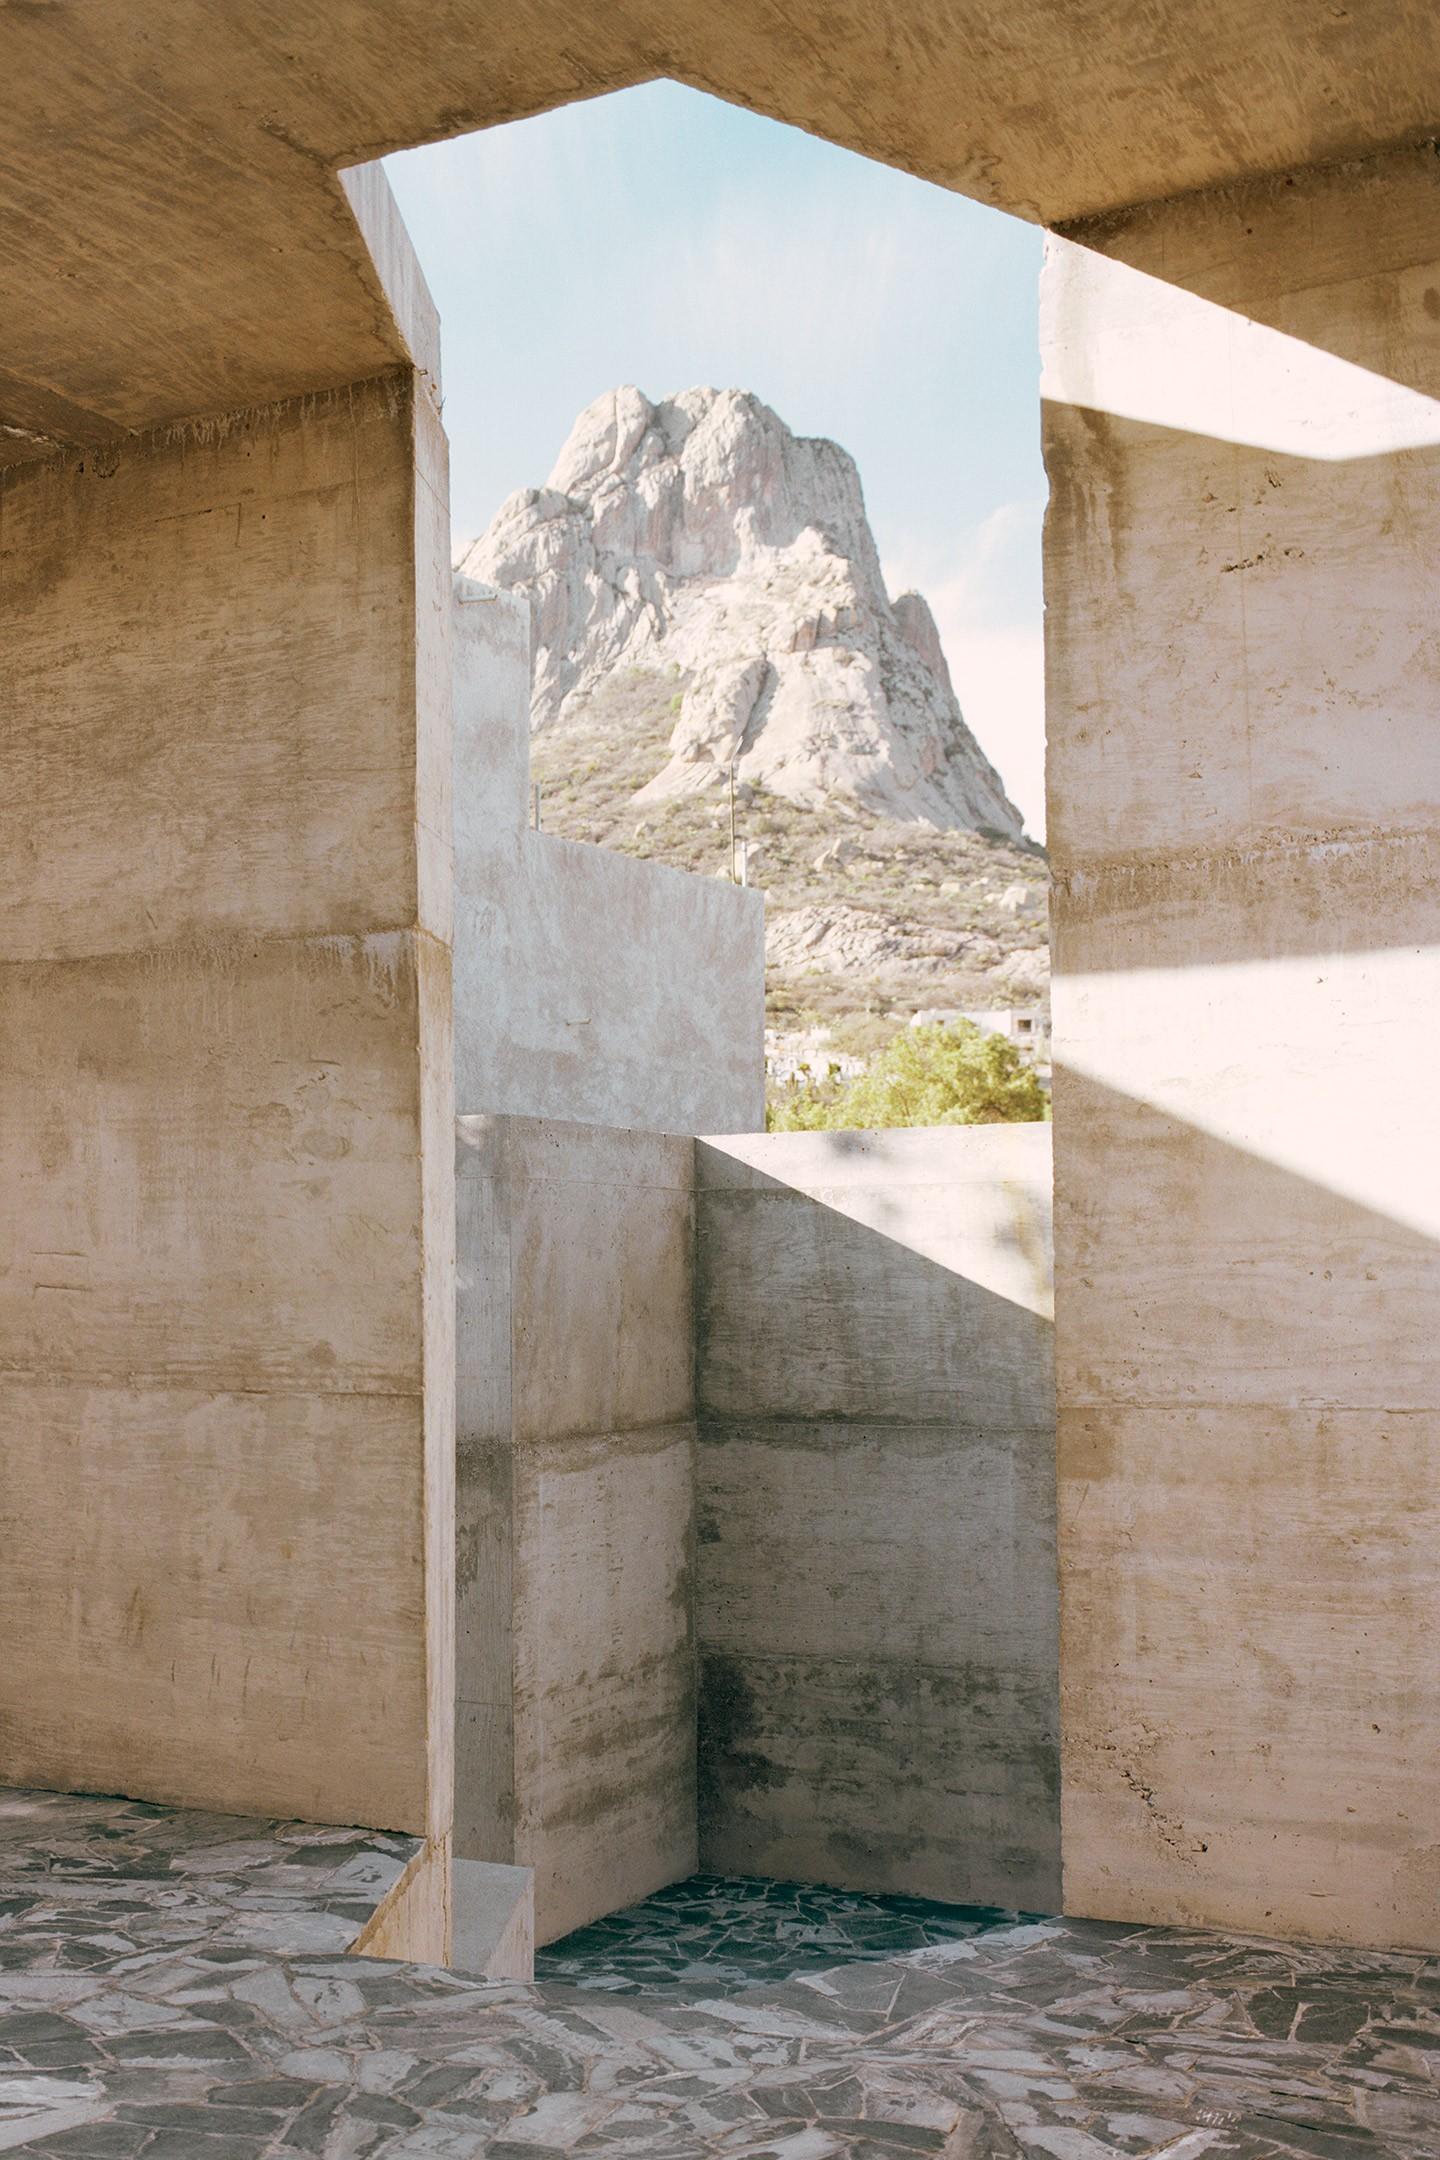 La casa en México tiene interiores de concreto e interesantes vistas a la montaña (Foto: Tom de Beuert)